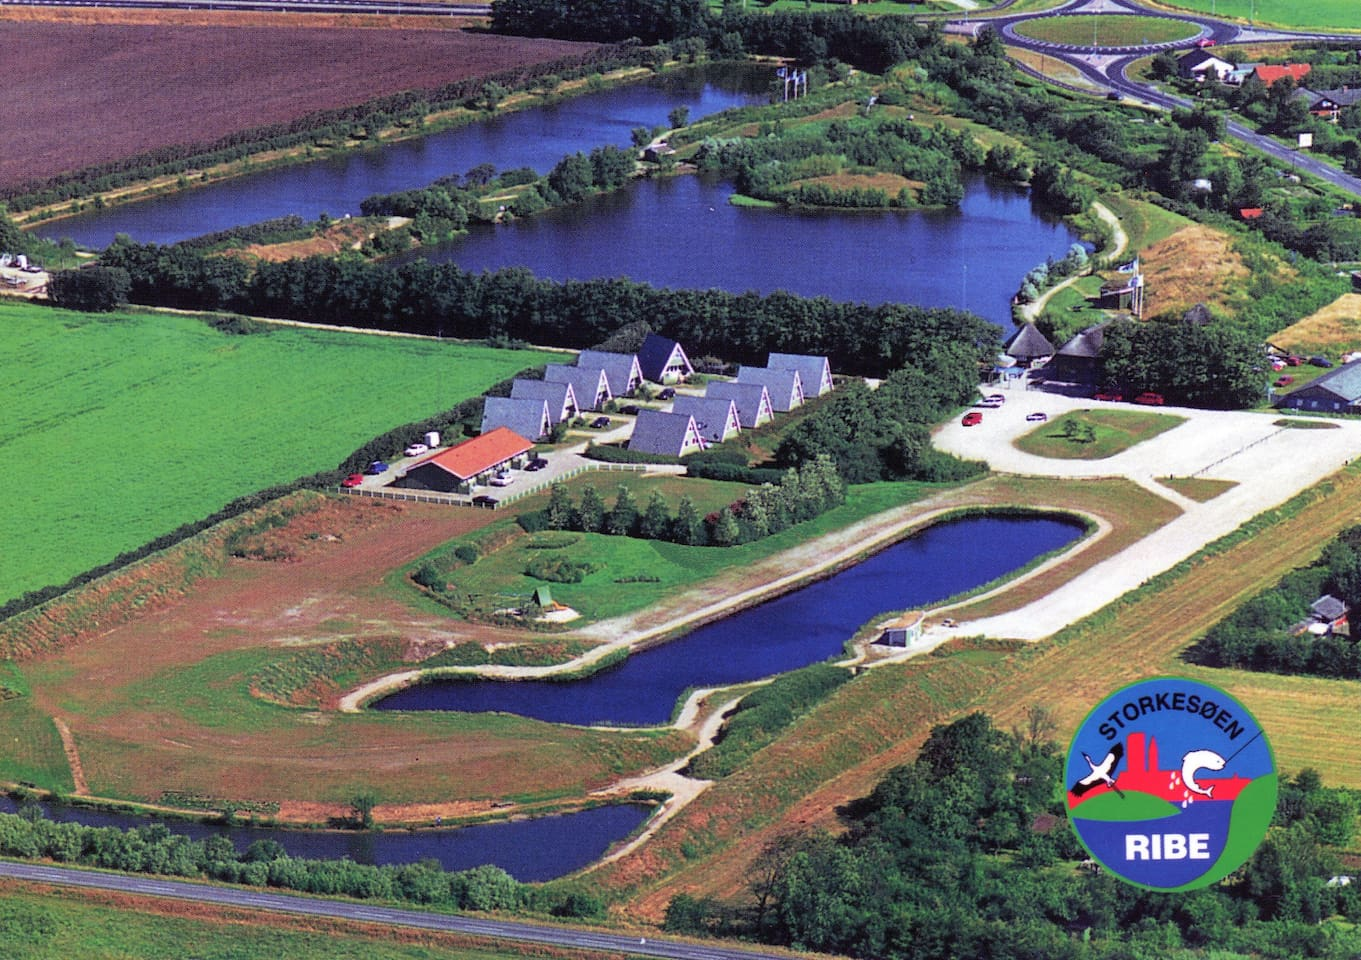 Storkesøen er smuk anlagt i et 10 ha kuperet område med et samlet søareal på 40.000 m2.